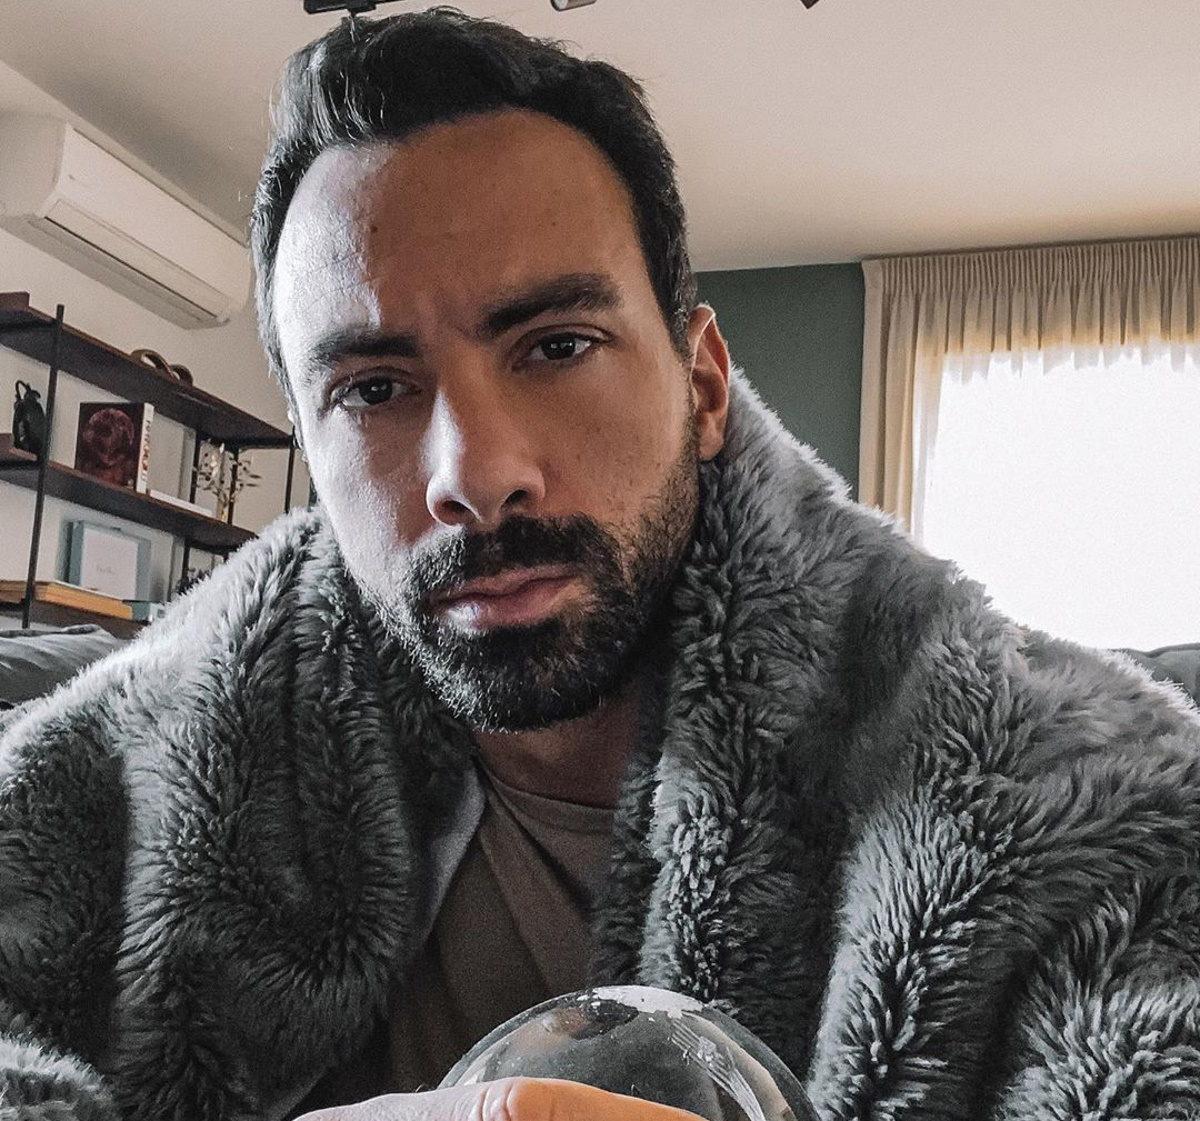 Σάκης Τανιμανίδης: Ξυρίστηκε μετά από δέκα χρόνια κι έγινε άλλος άνθρωπος! [video] | tlife.gr